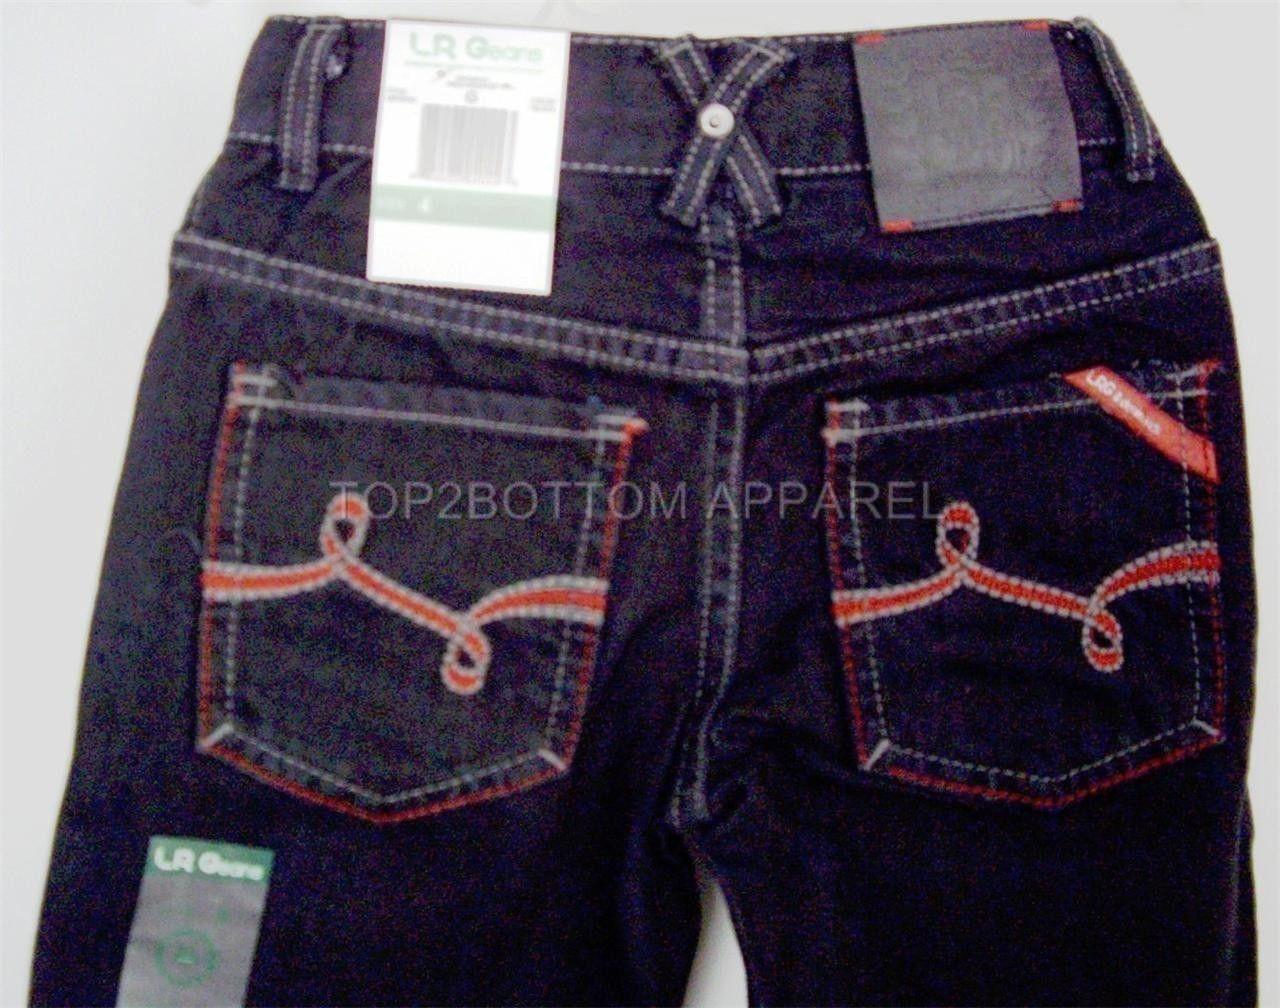 LRG LRGeans Boys Black Size 4 Jeans Elastic Waistband 5 pocket LRG logo NWT